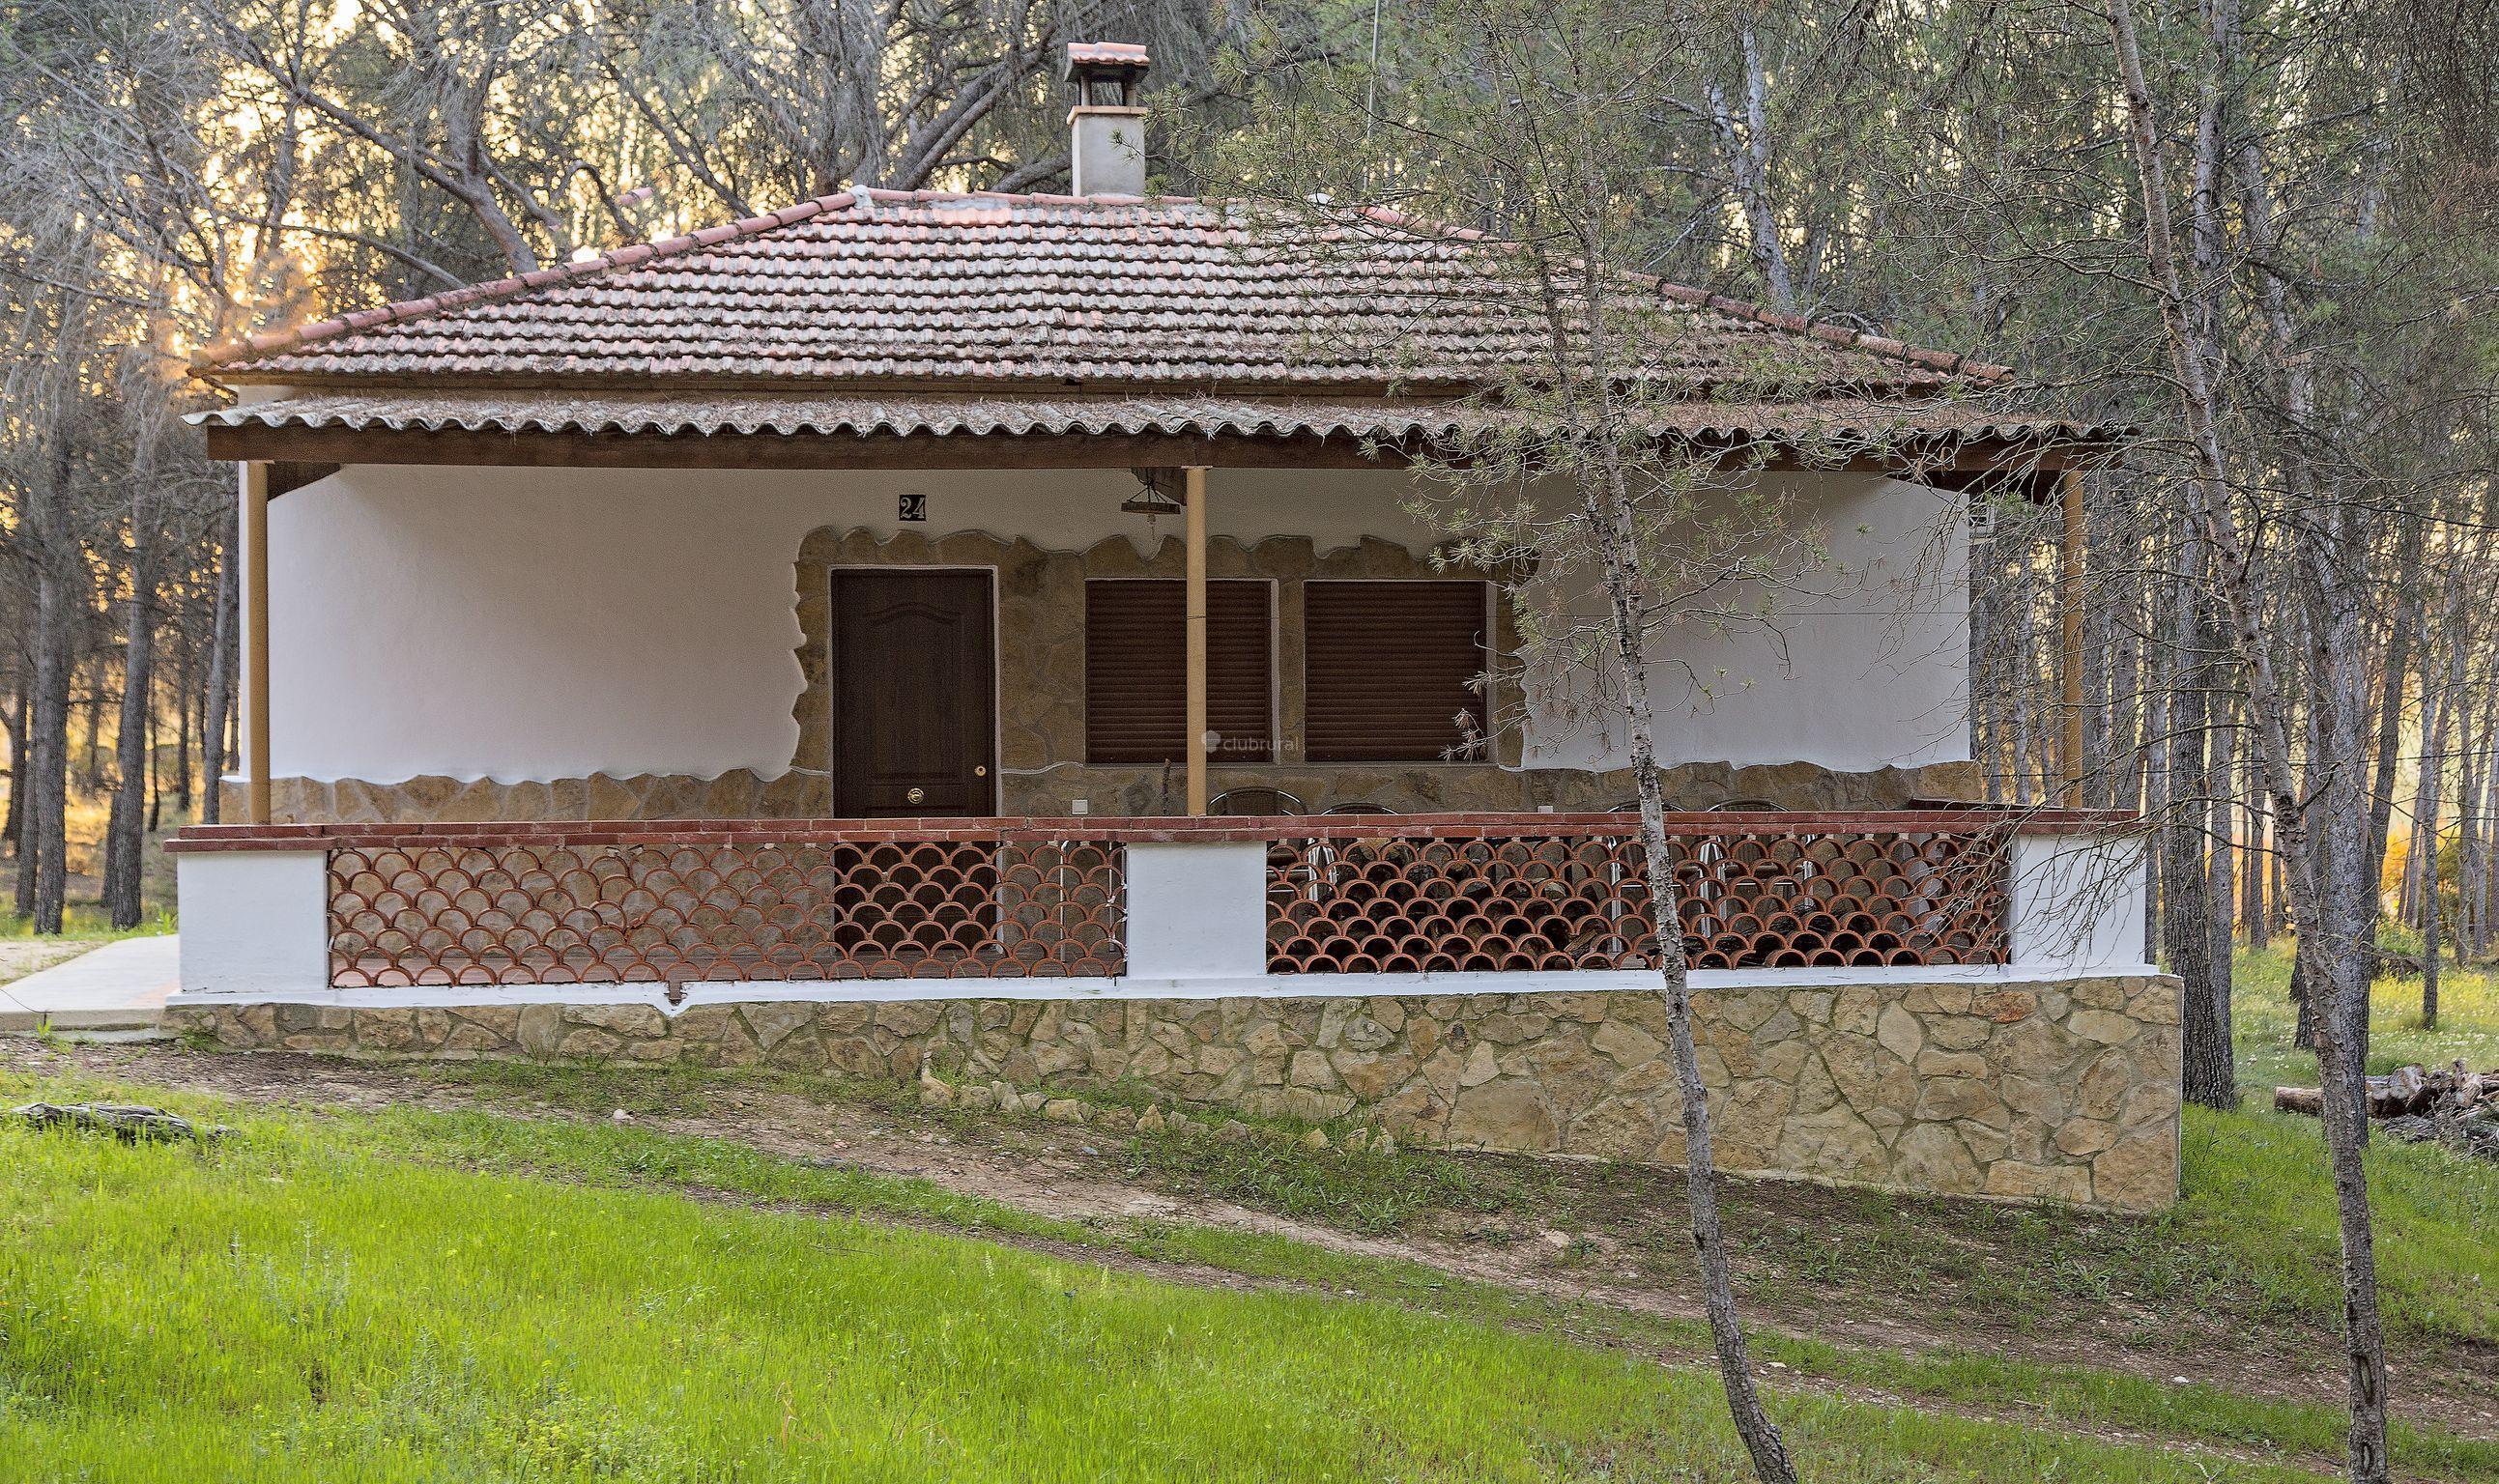 Fotos de fuente podrida valencia requena clubrural - Ofertas casas rurales valencia ...